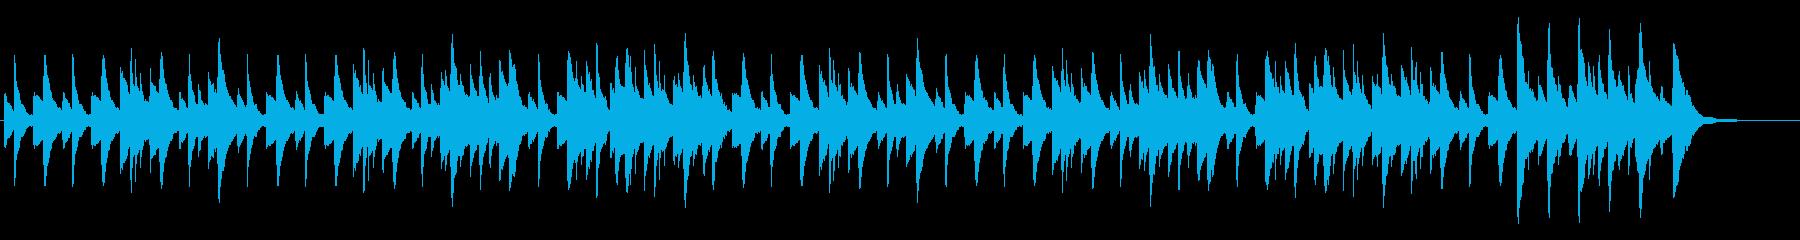 【ハープ】リラックスした睡眠の再生済みの波形